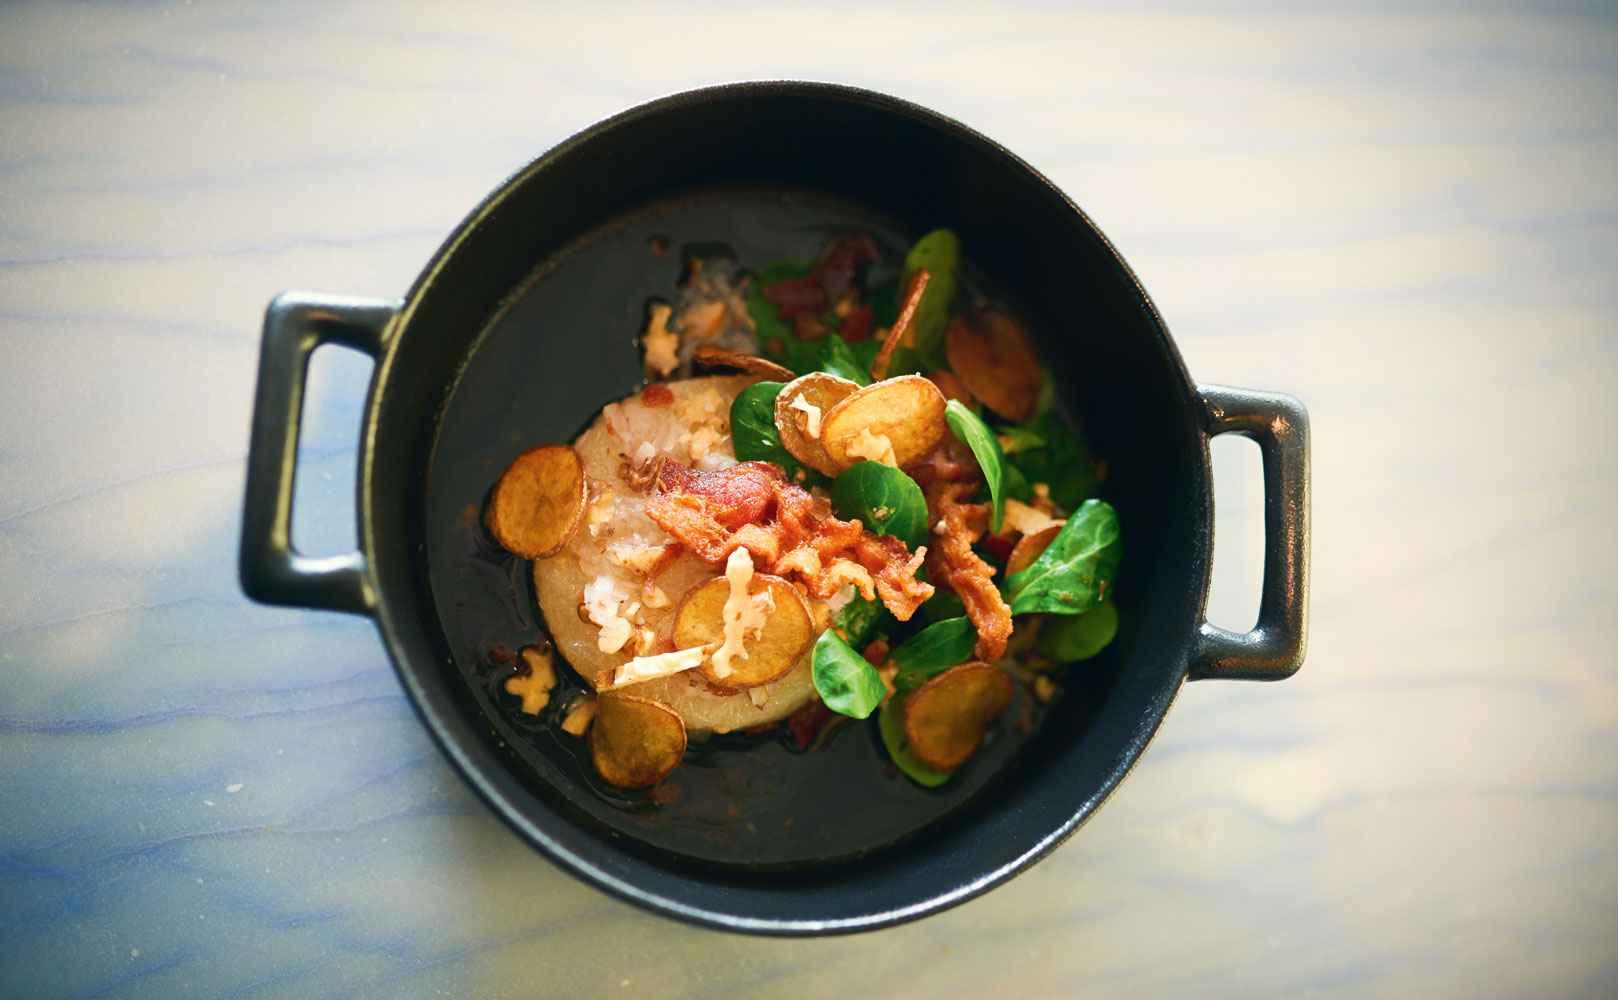 Rezept für Handkäs mit Walnüssen, Bacon, Feldsalat und Kartoffelchips